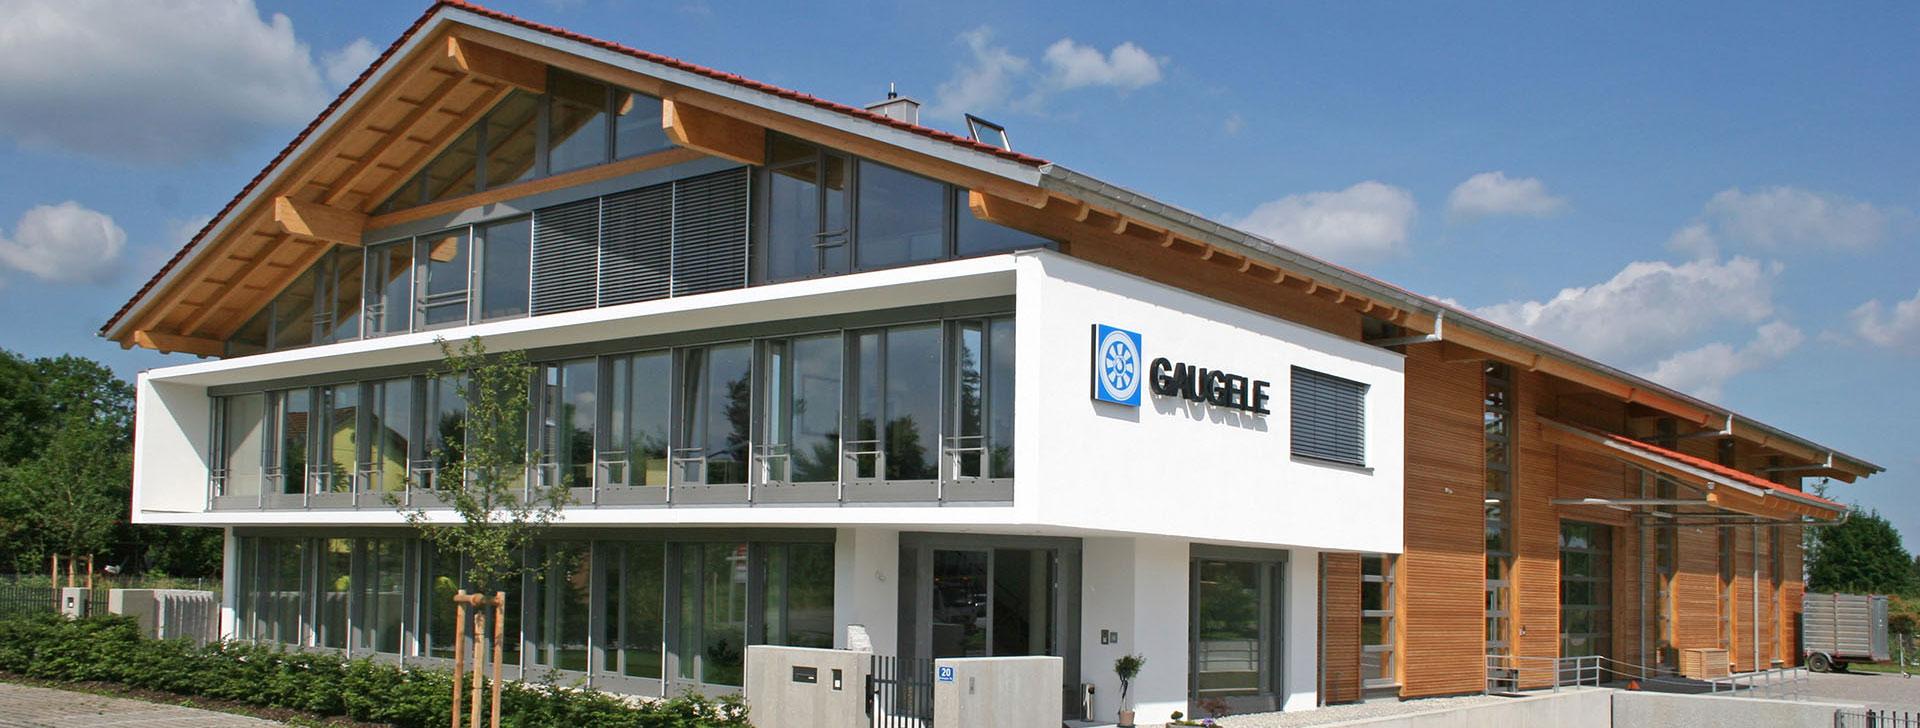 verglastes Bürogebäude mit Holzverkleidung